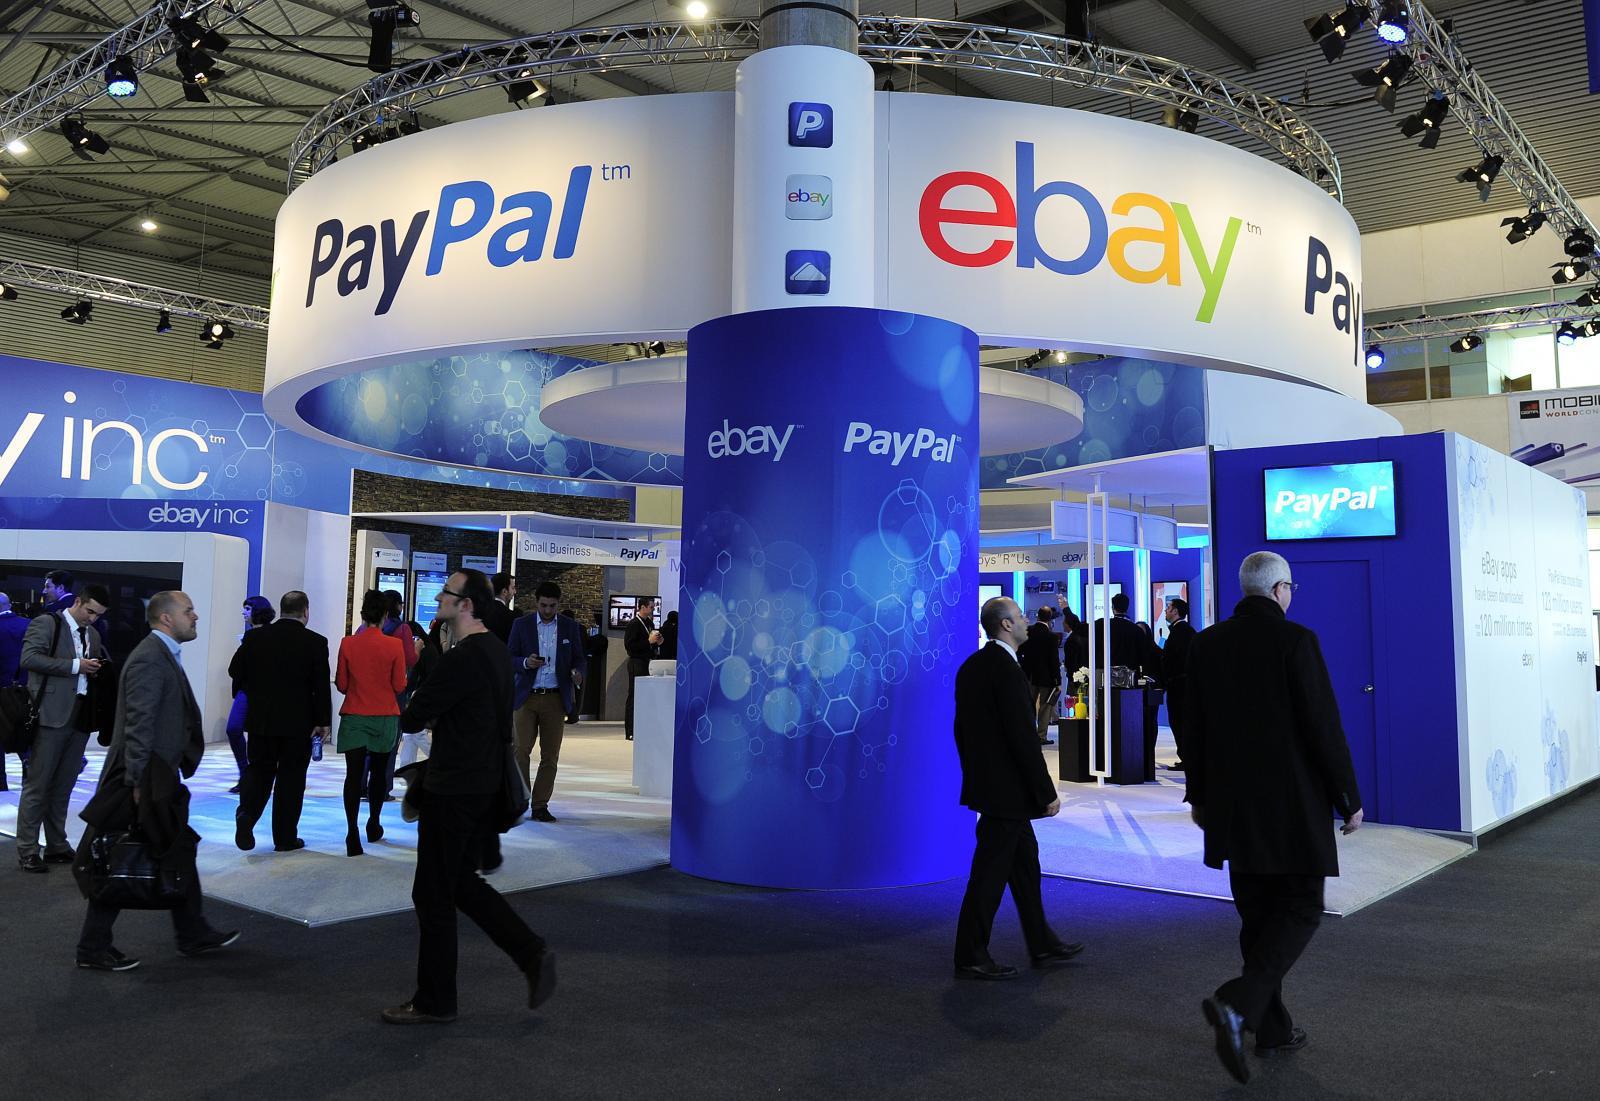 ไอเอ็มเอฟ ห่วงบริษัทเทคโนโลยีครอบงำตลาดการเงินโลก